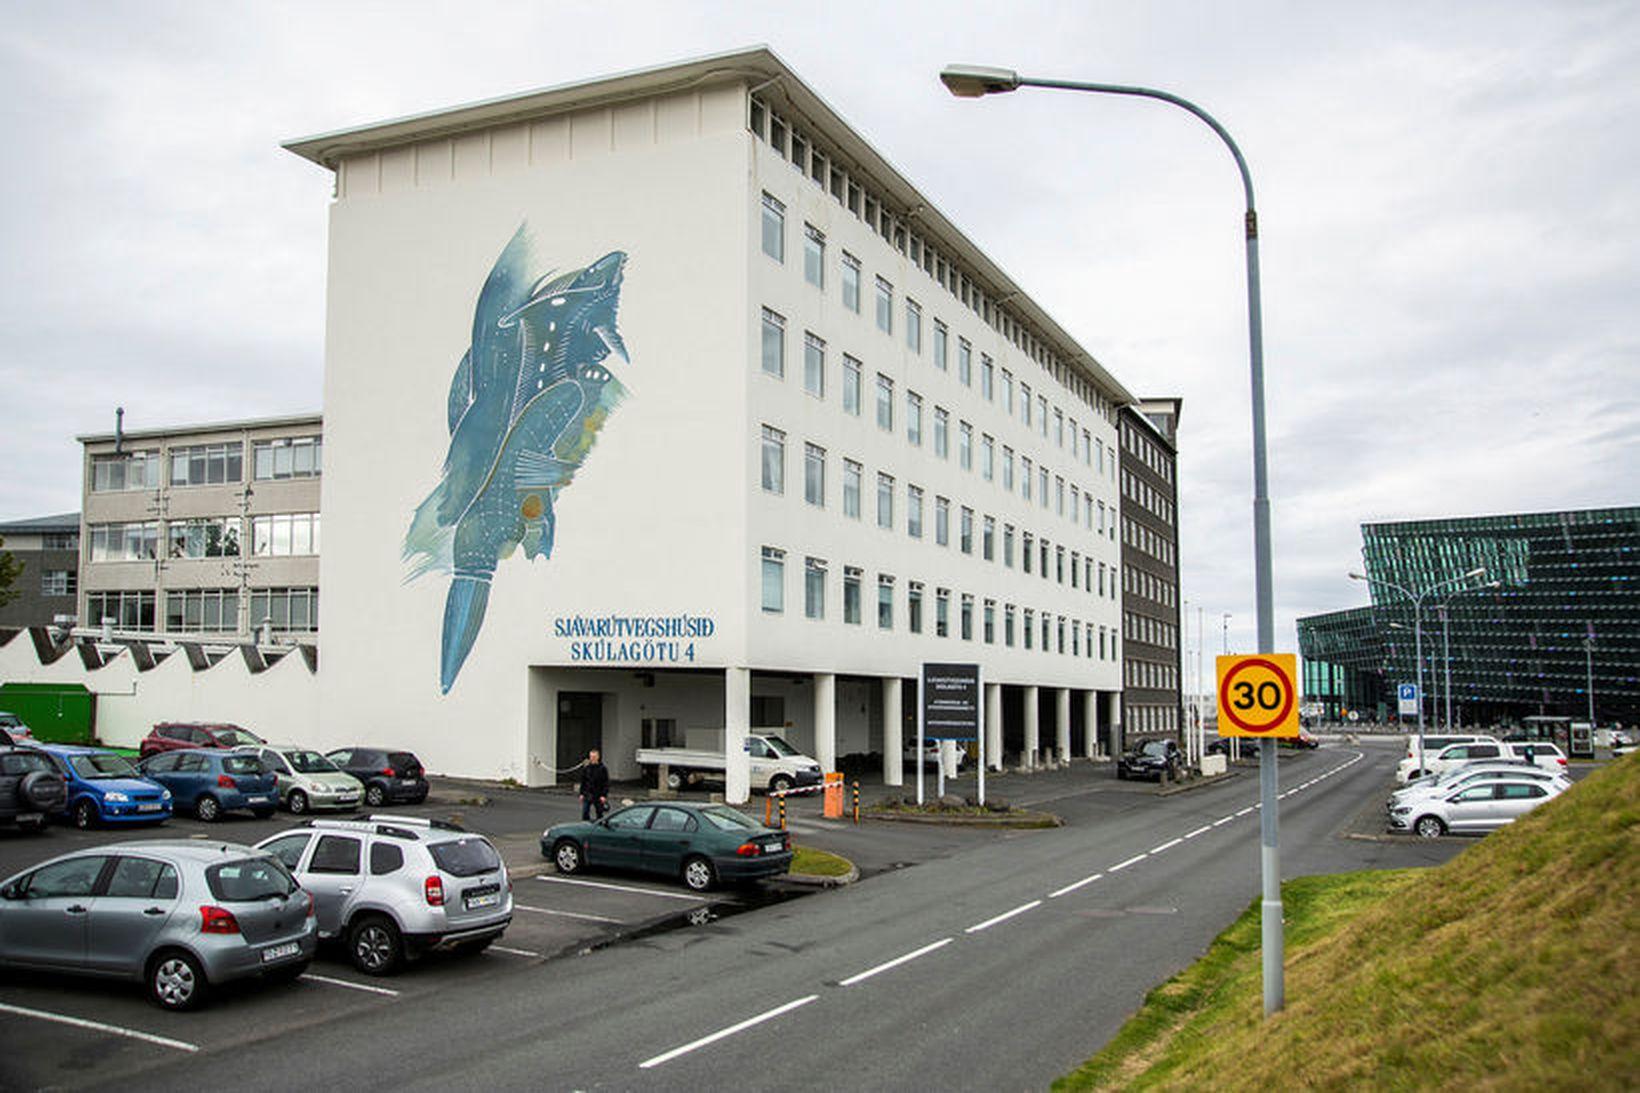 Húsnæði Hafrannsóknastofnunar við Skúlagötu.